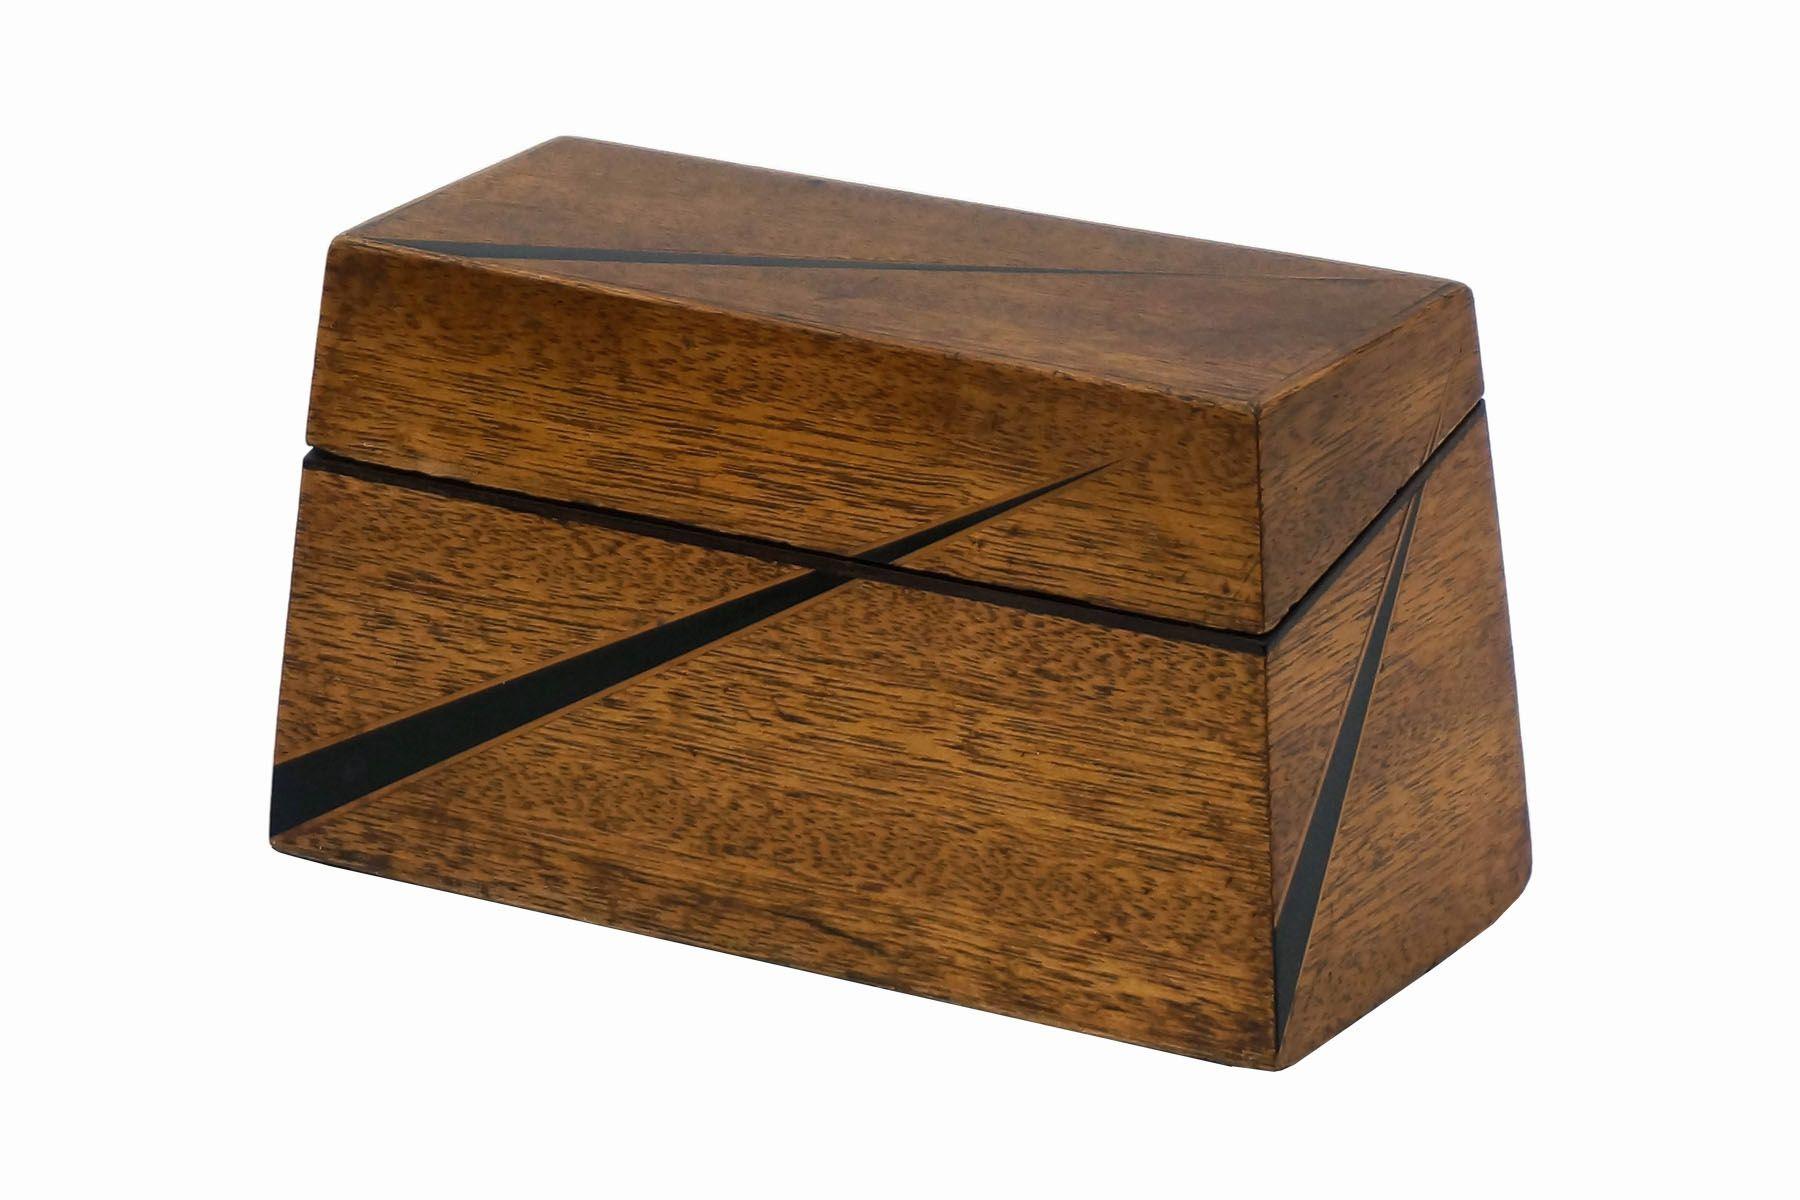 Oak Pyramid Shaped Art Deco Box With Ebony Inlay England 1920